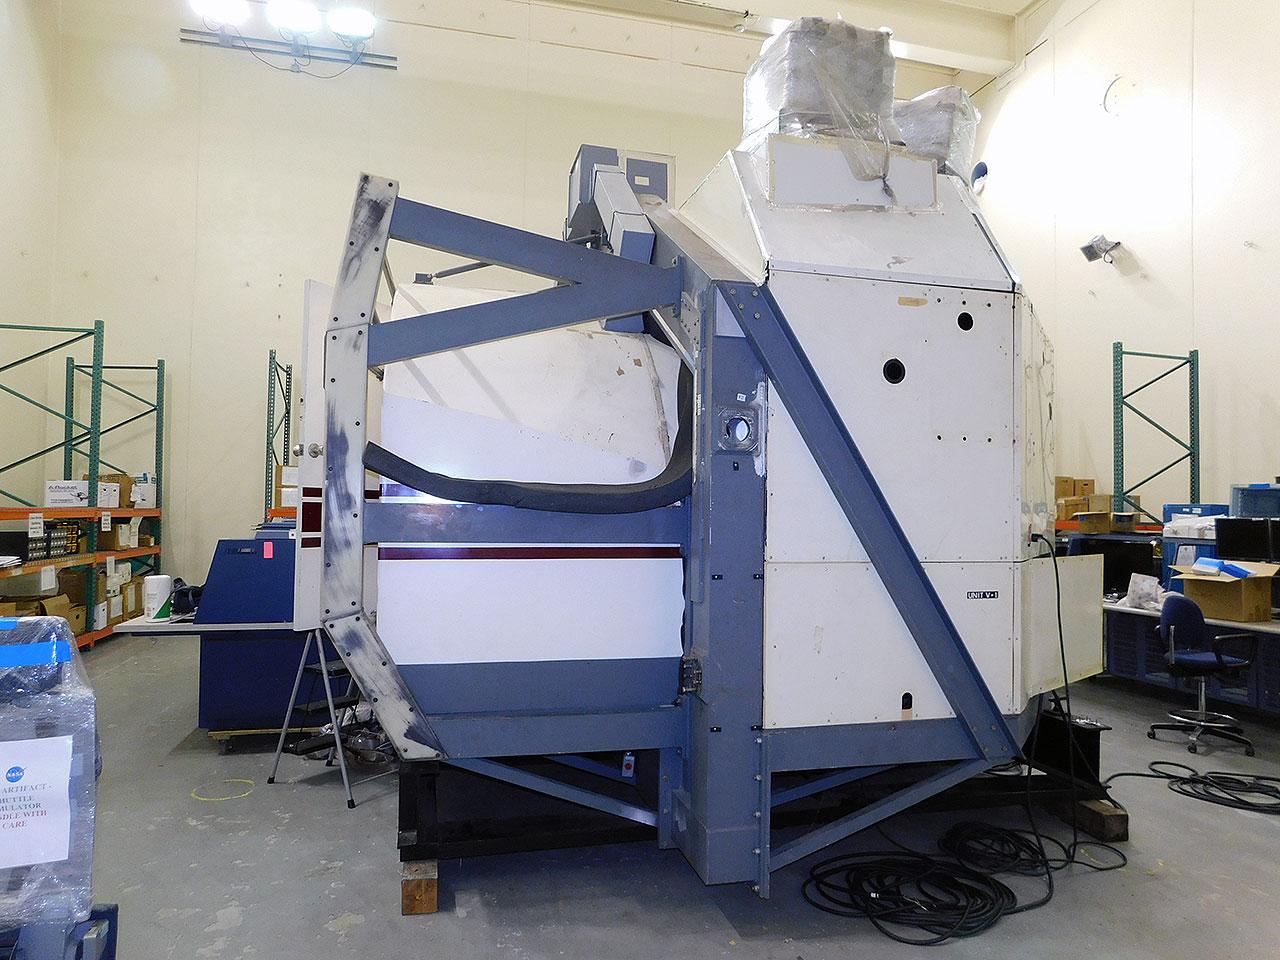 La cabine du simulateur de base de mouvement de la navette spatiale après avoir été déplacée dans le bâtiment 49 du Johnson Space Center de la NASA.